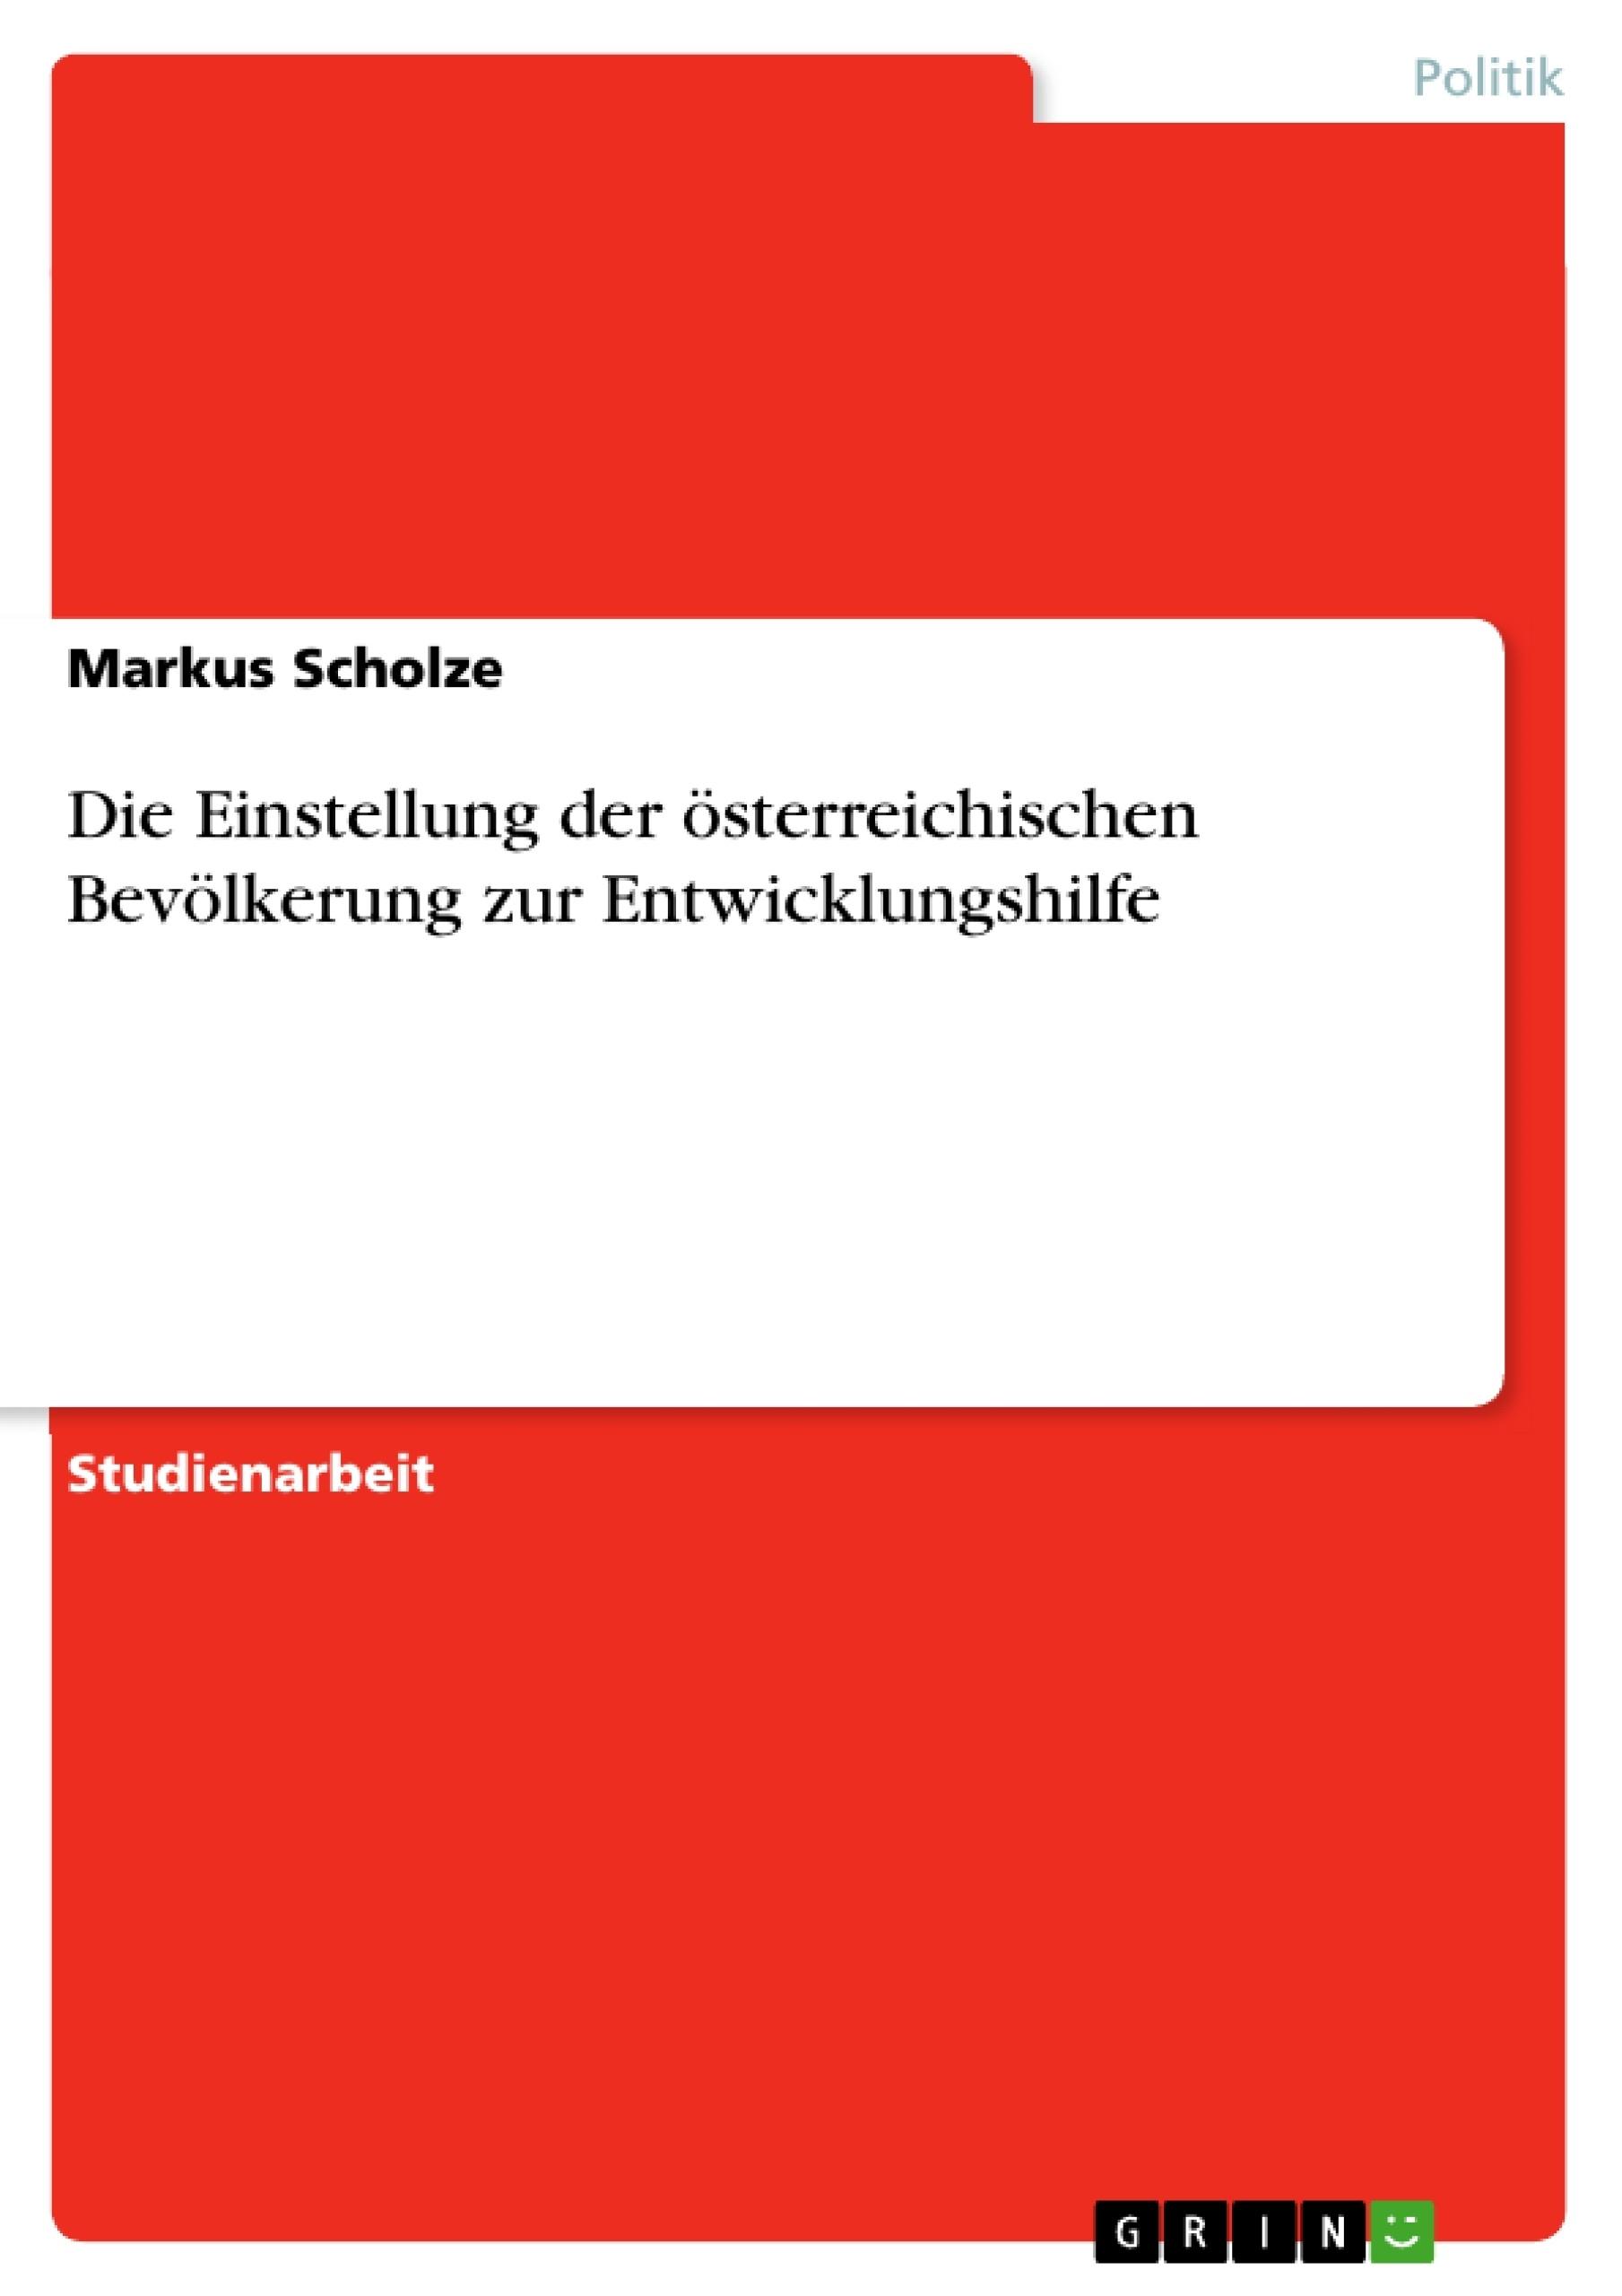 Titel: Die Einstellung der österreichischen Bevölkerung zur Entwicklungshilfe